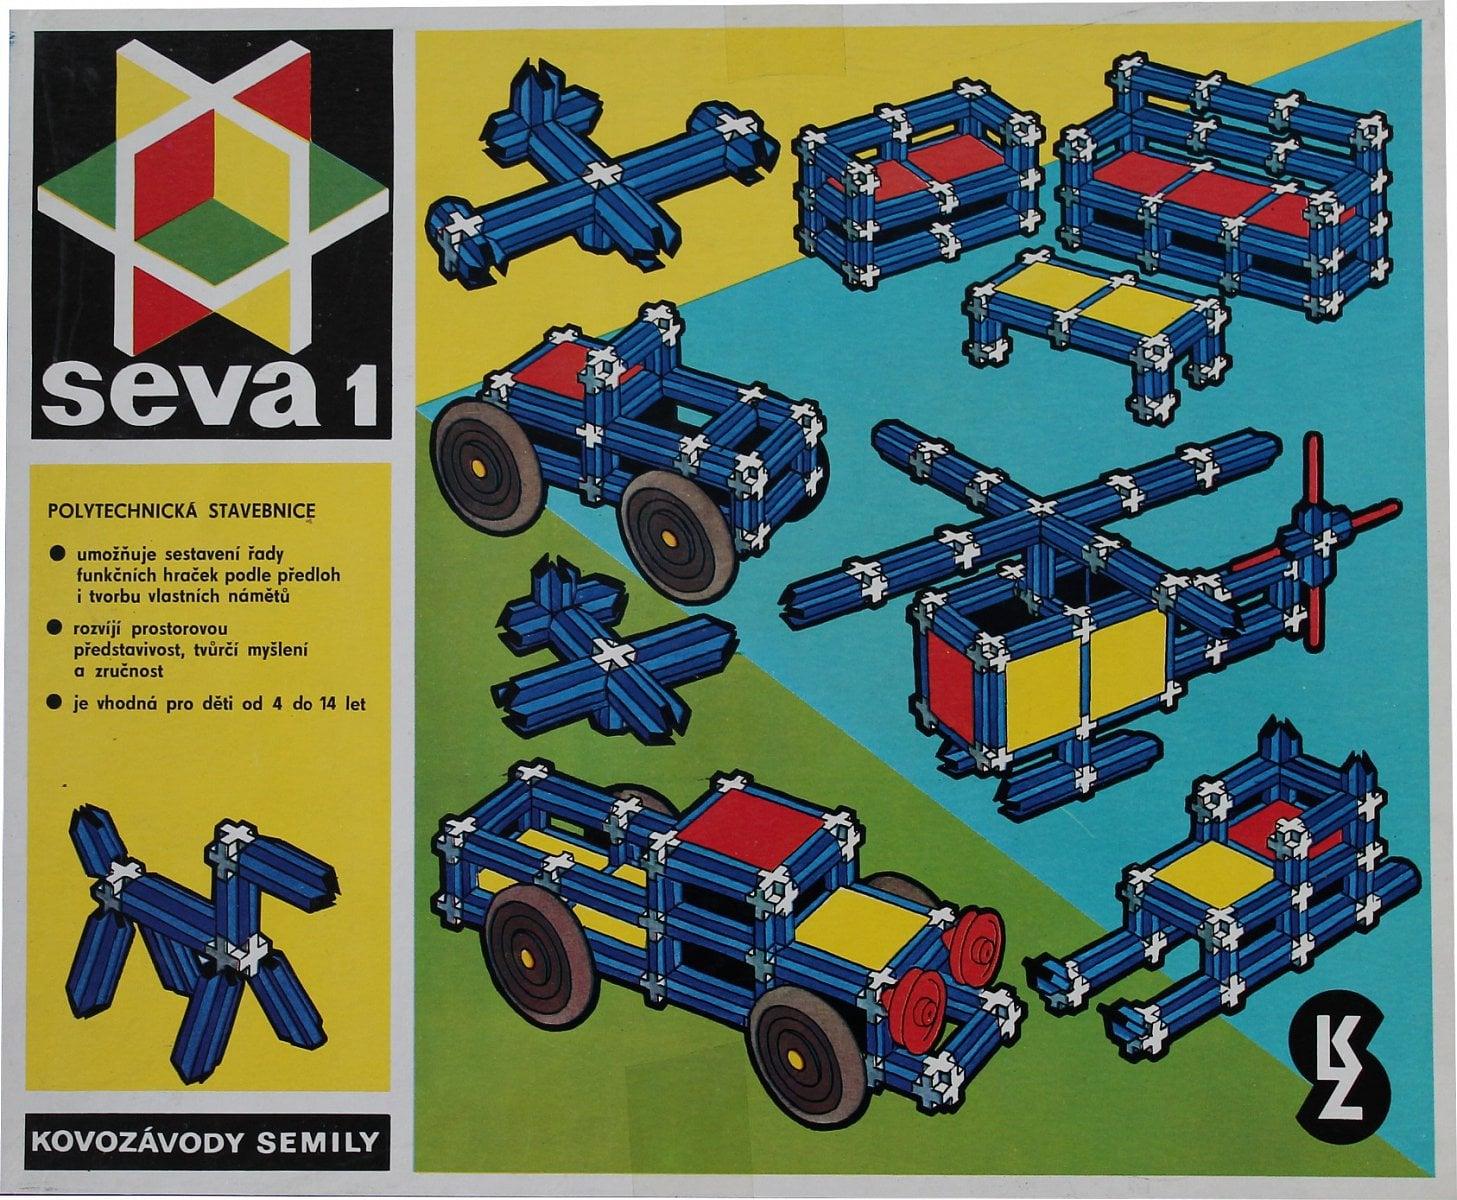 Historie stavebnice SEVA od roku 1979